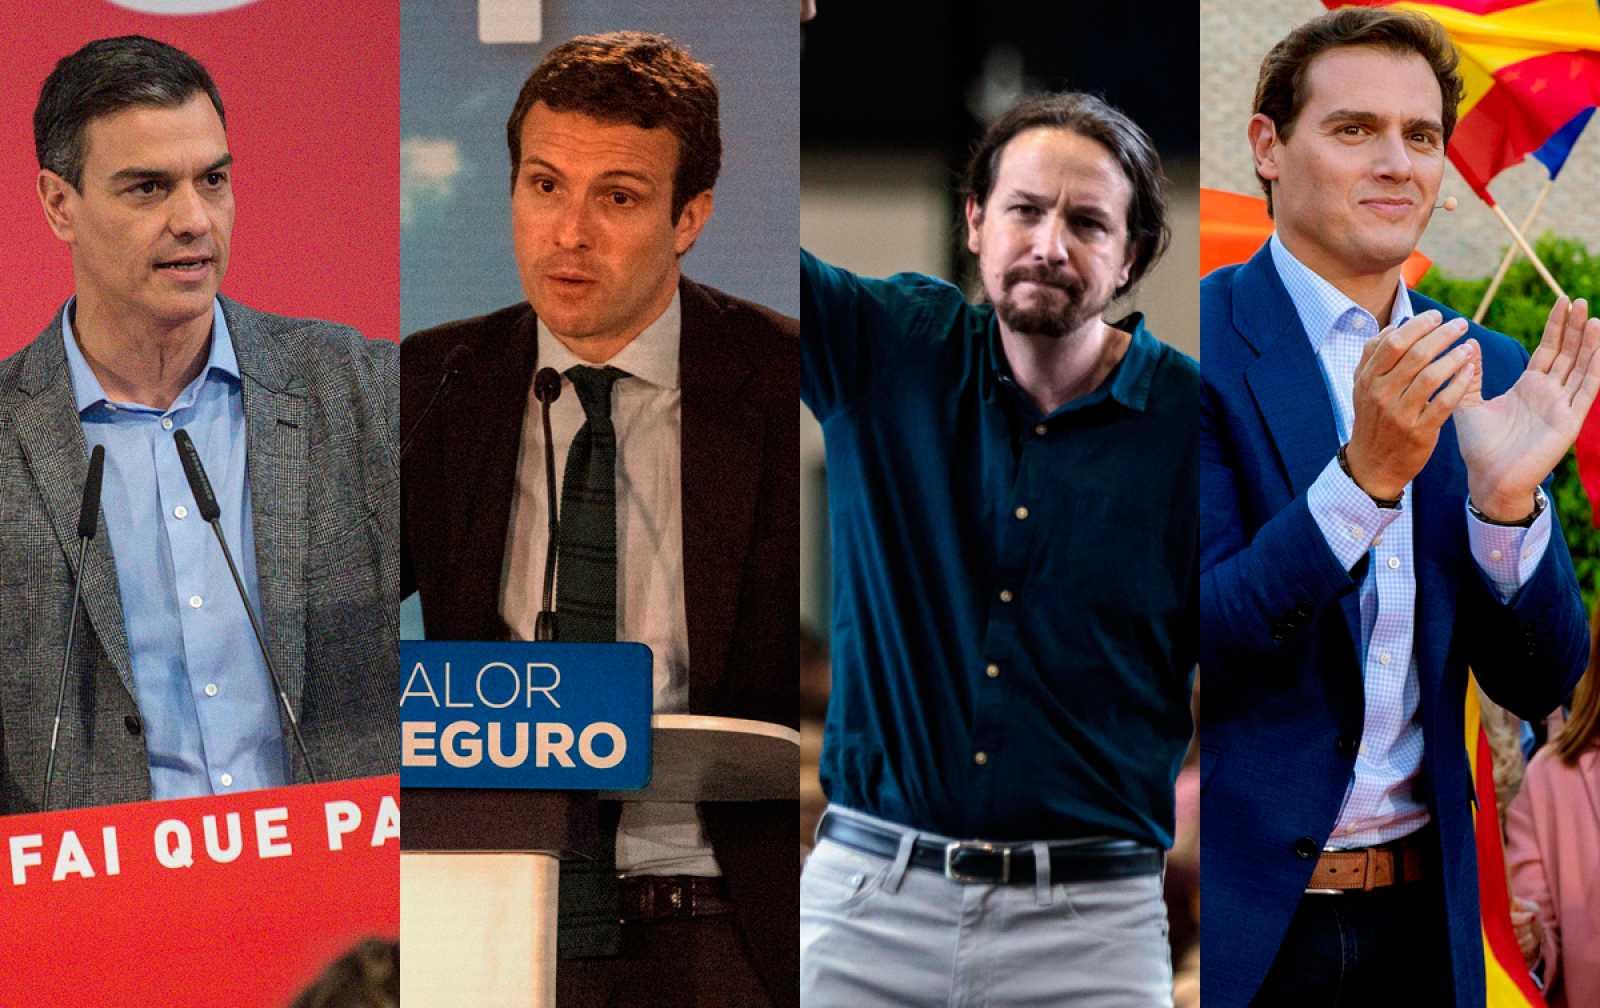 Sánchez mantiene que solo irá al debate de RTVE el 23 y el resto de candidatos irán a Atresmedia